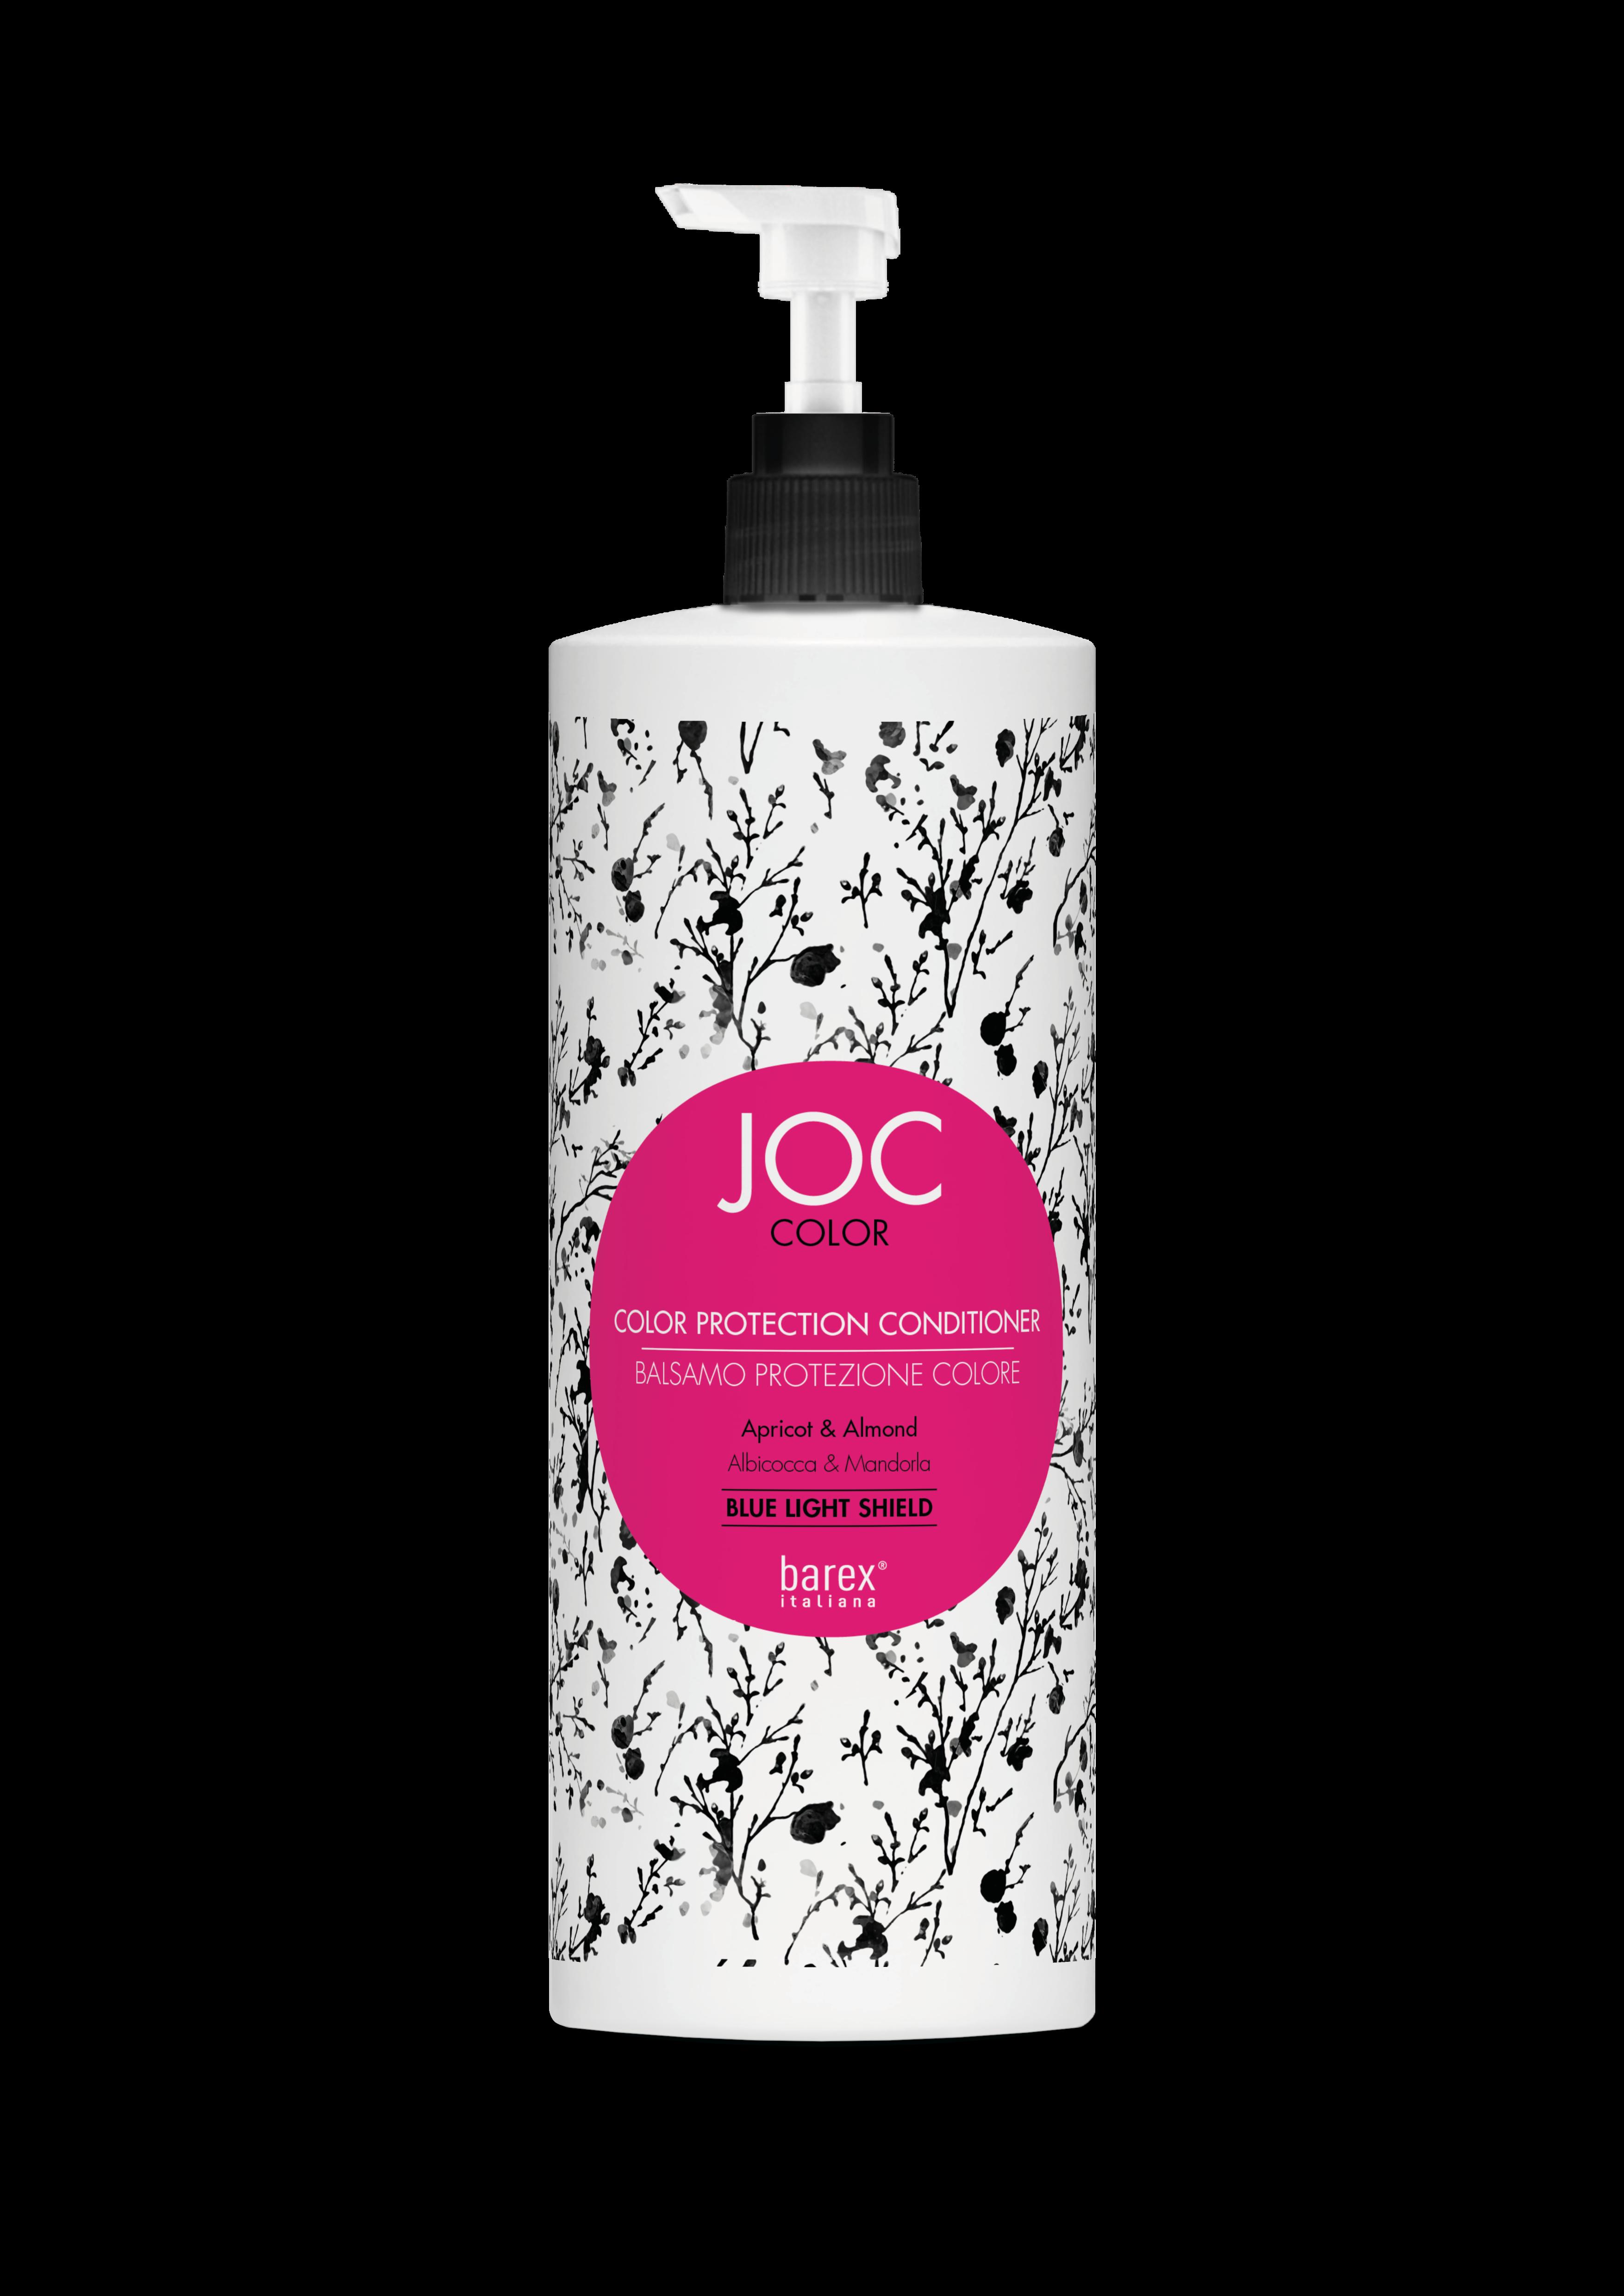 Barex Бальзам-Кондиционер JOC Color Protection Conditioner Стойкость Цвета с Абрикосом и Миндалем, 1000 мл